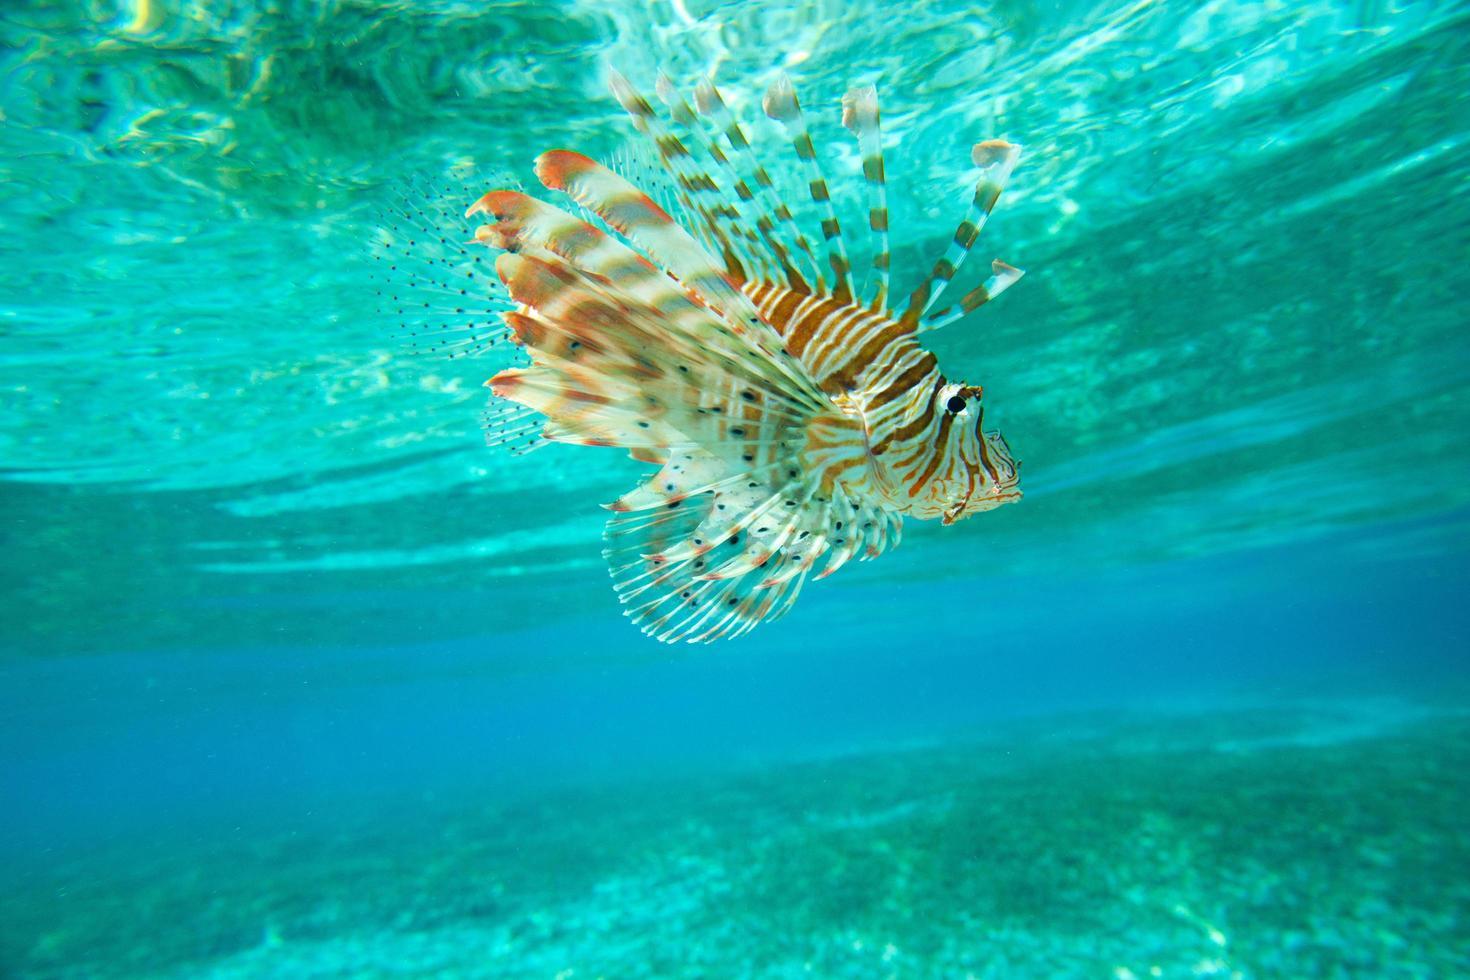 poisson lion nageant sous l'eau photo